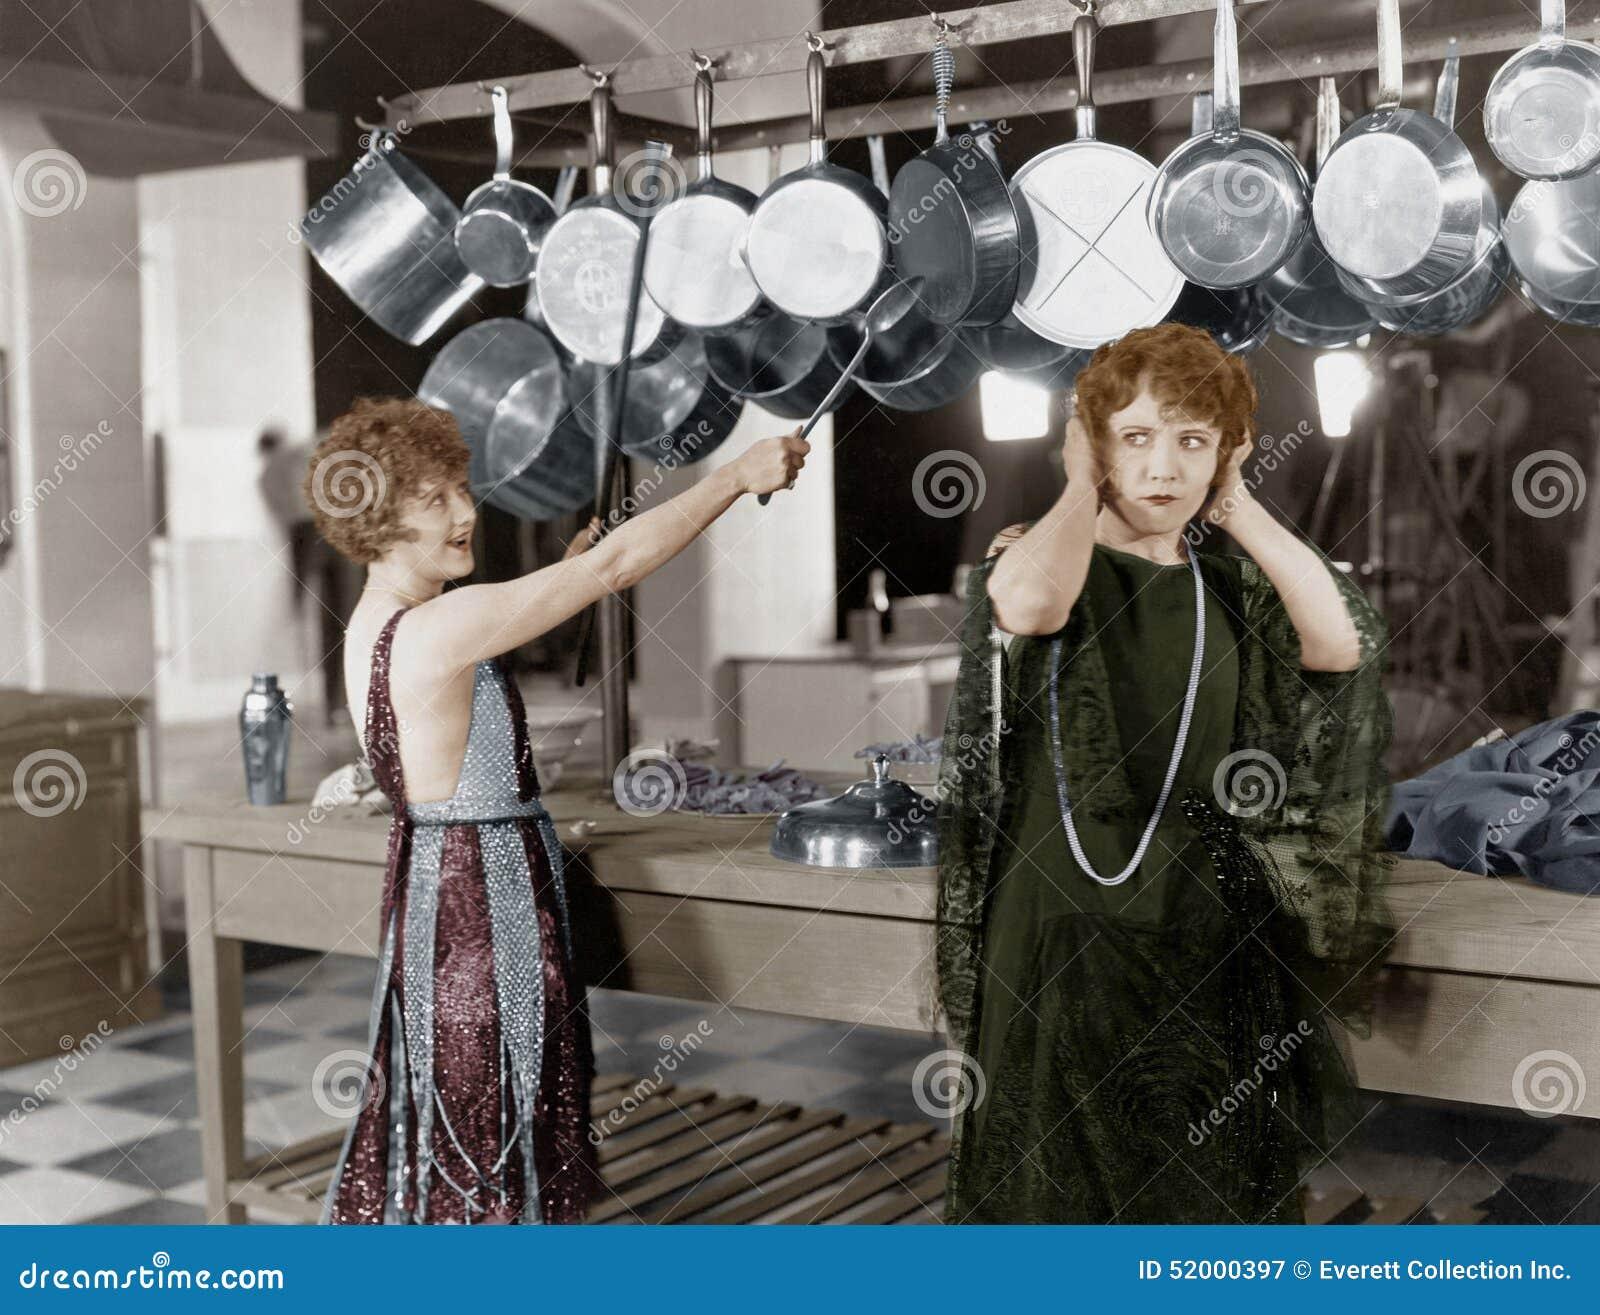 Mulher na batida da cozinha em potenciômetros e bandejas (todas as pessoas descritas não são umas vivas mais longo e nenhuma prop